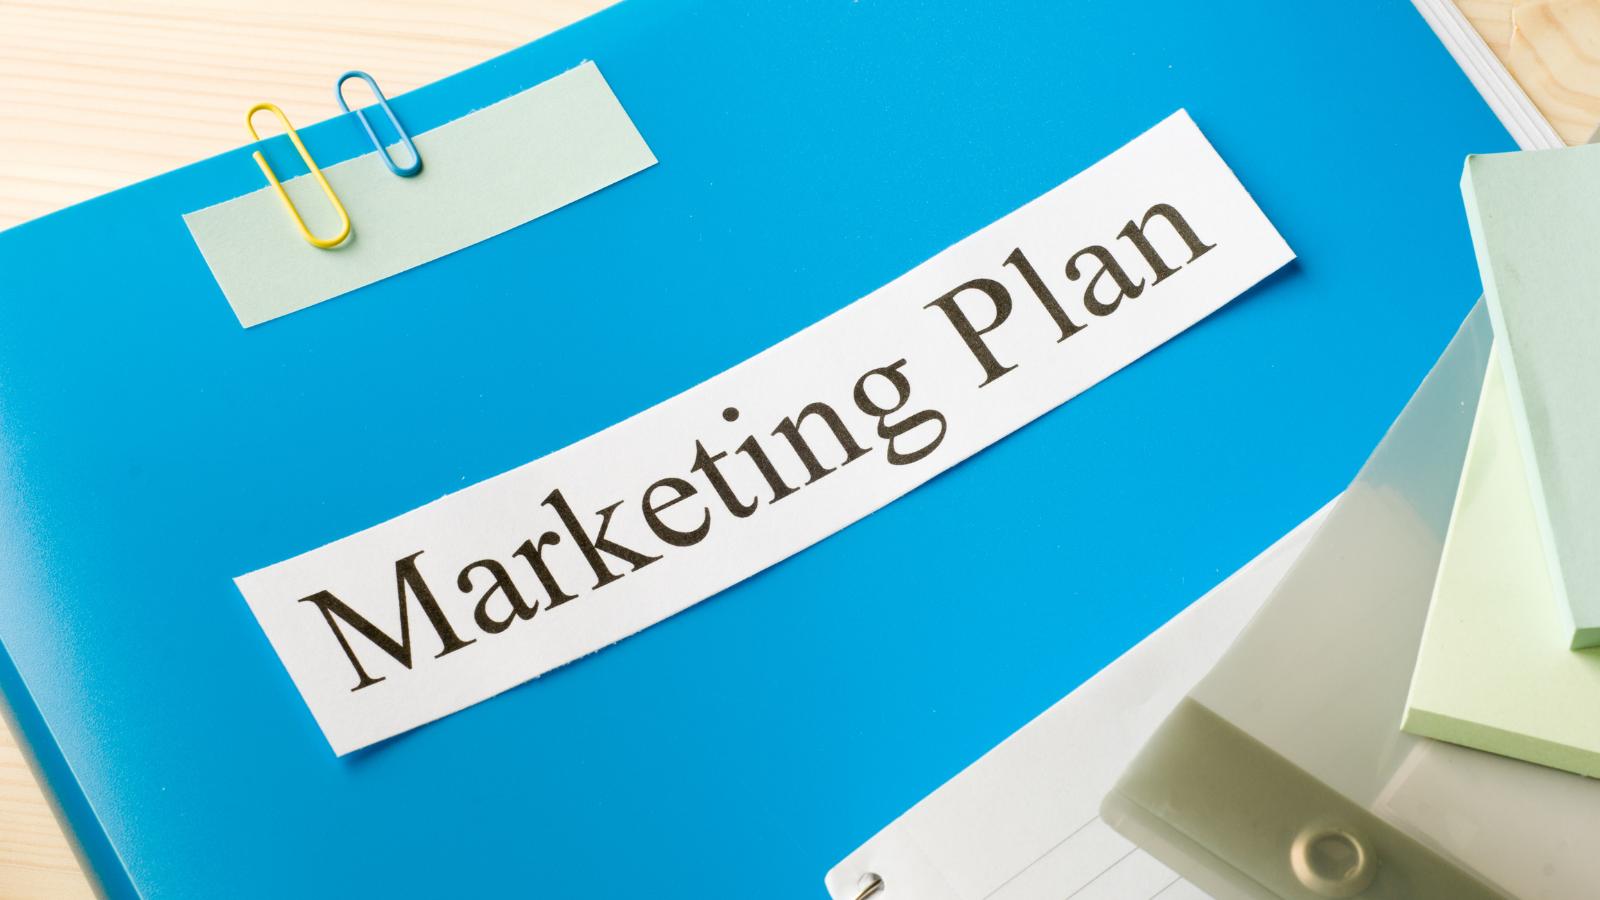 Q4 Marketing Strategy: Inbound Marketing Tactics